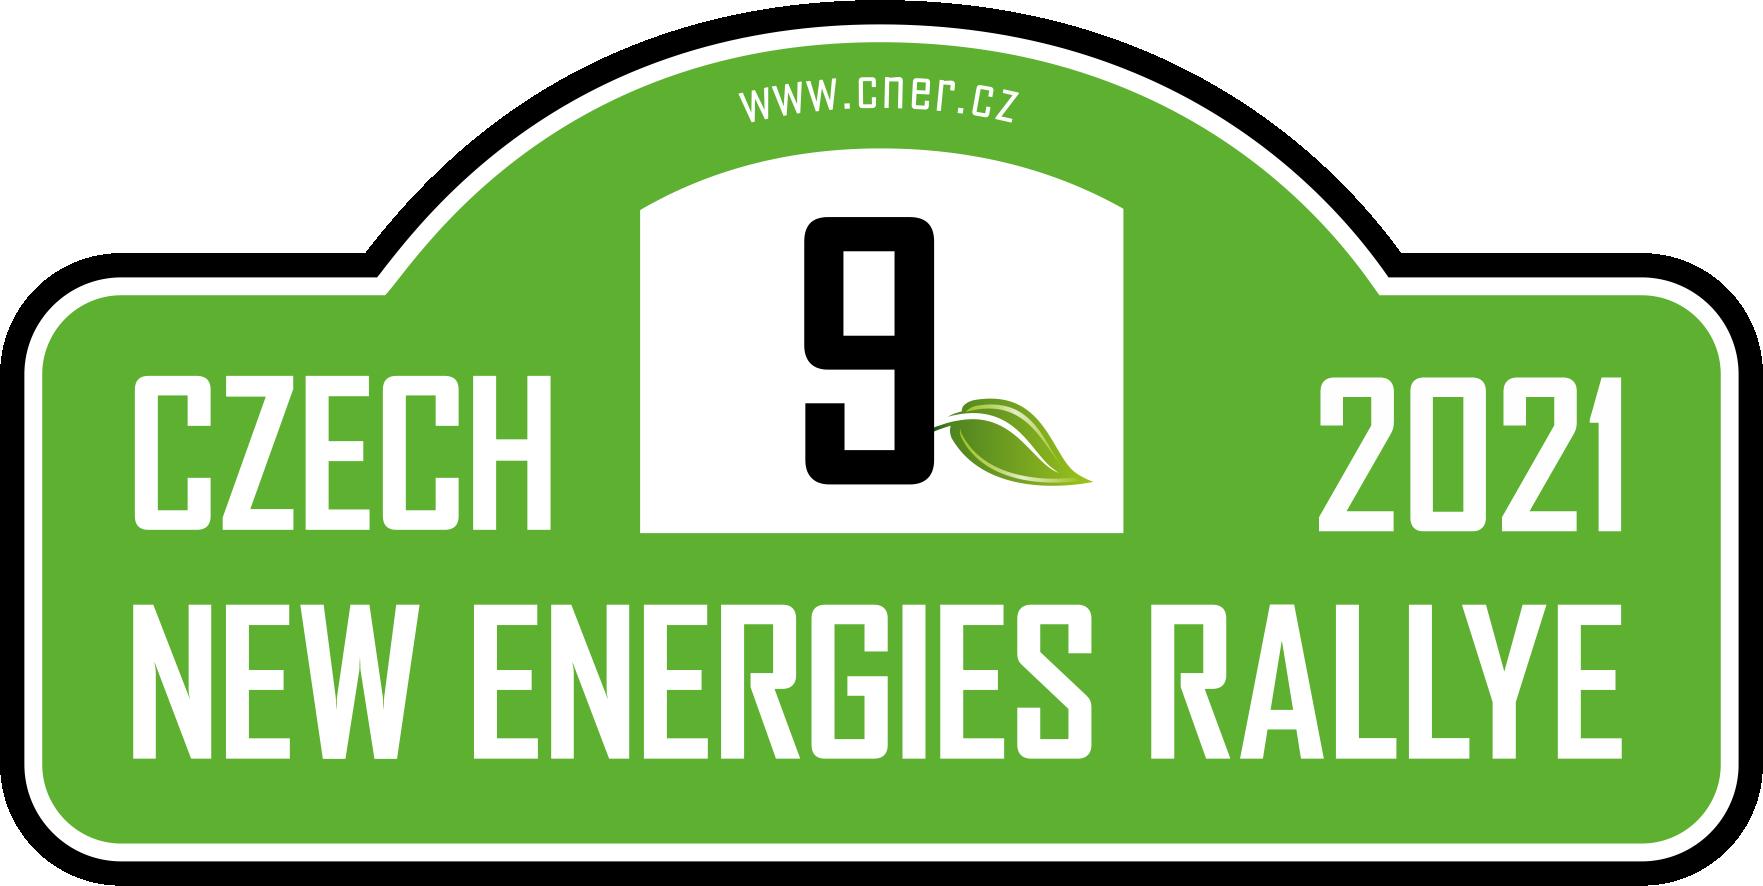 Logo New Energies